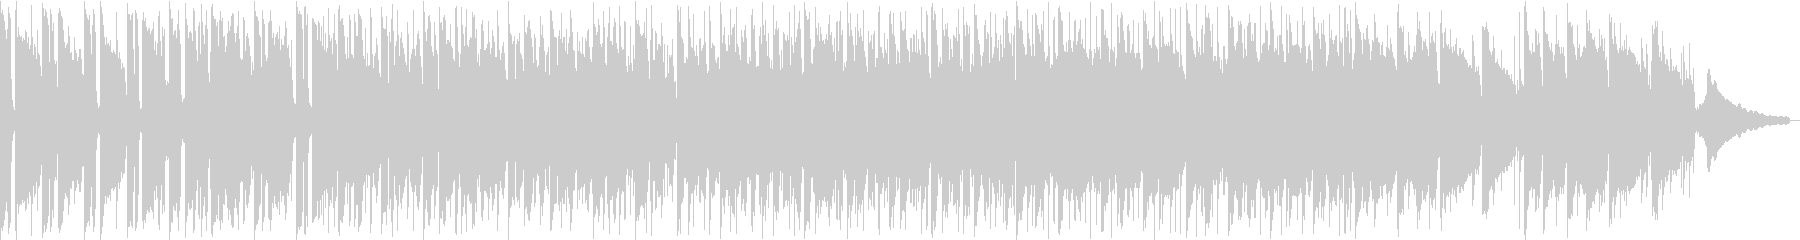 シンセサイザーのリードが印象的なインストの未再生の波形